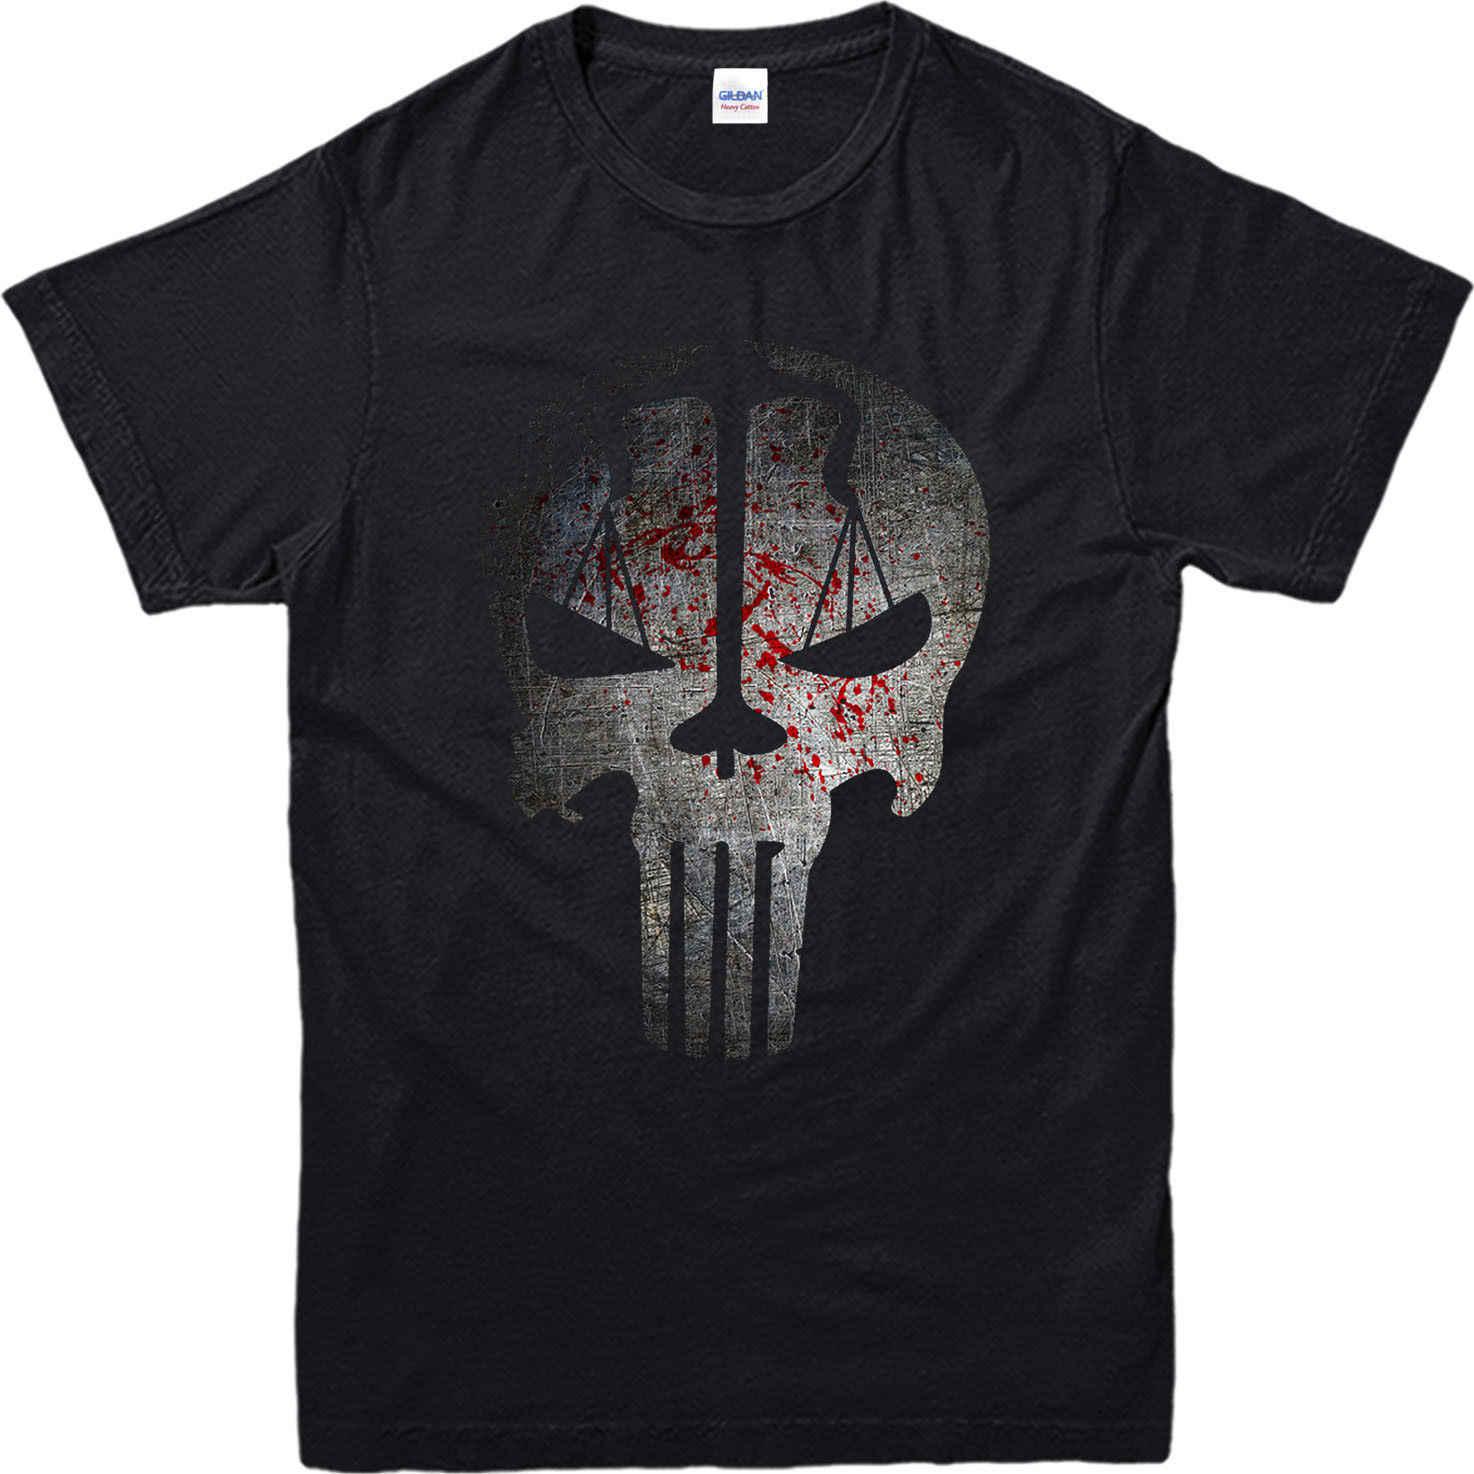 Waaghals T-Shirt, punisher schaal Schedel Feestelijke Gift Unisex Adult & Kids Tee Top2019 modieuze Merk 100% katoen Gedrukt Ronde N